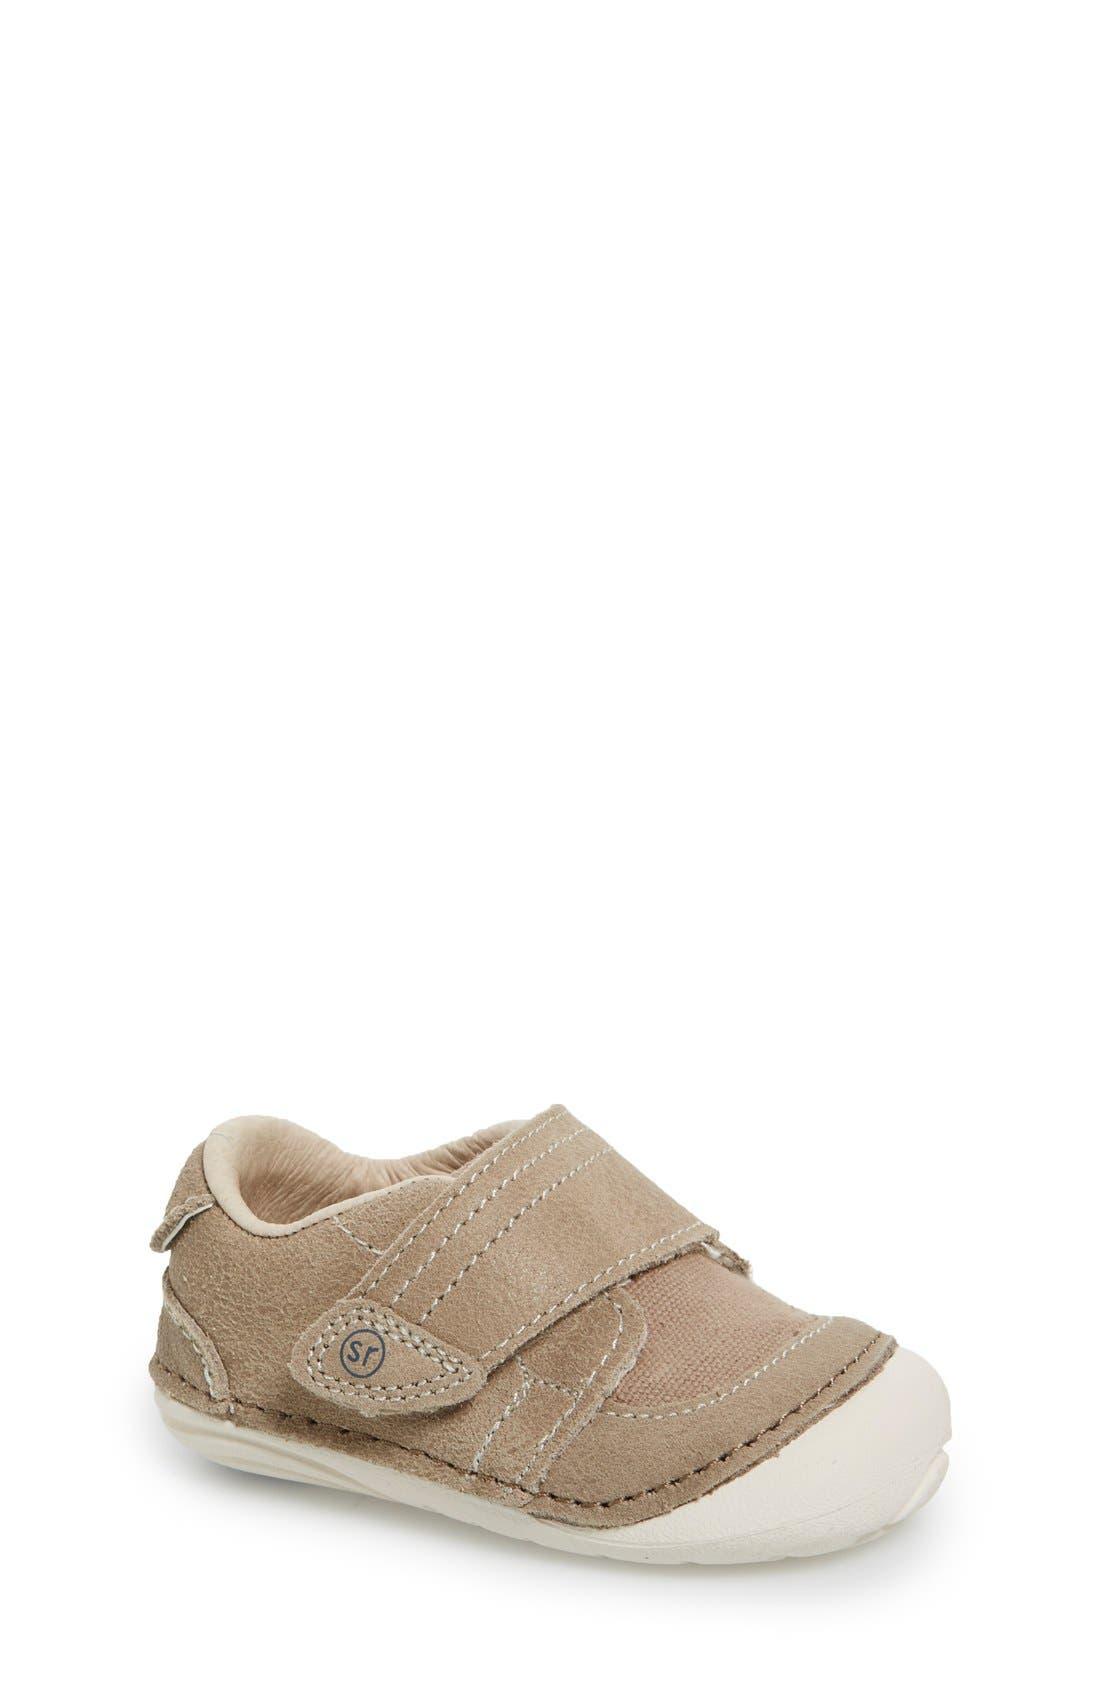 STRIDE RITE Soft Motion Kellen Sneaker